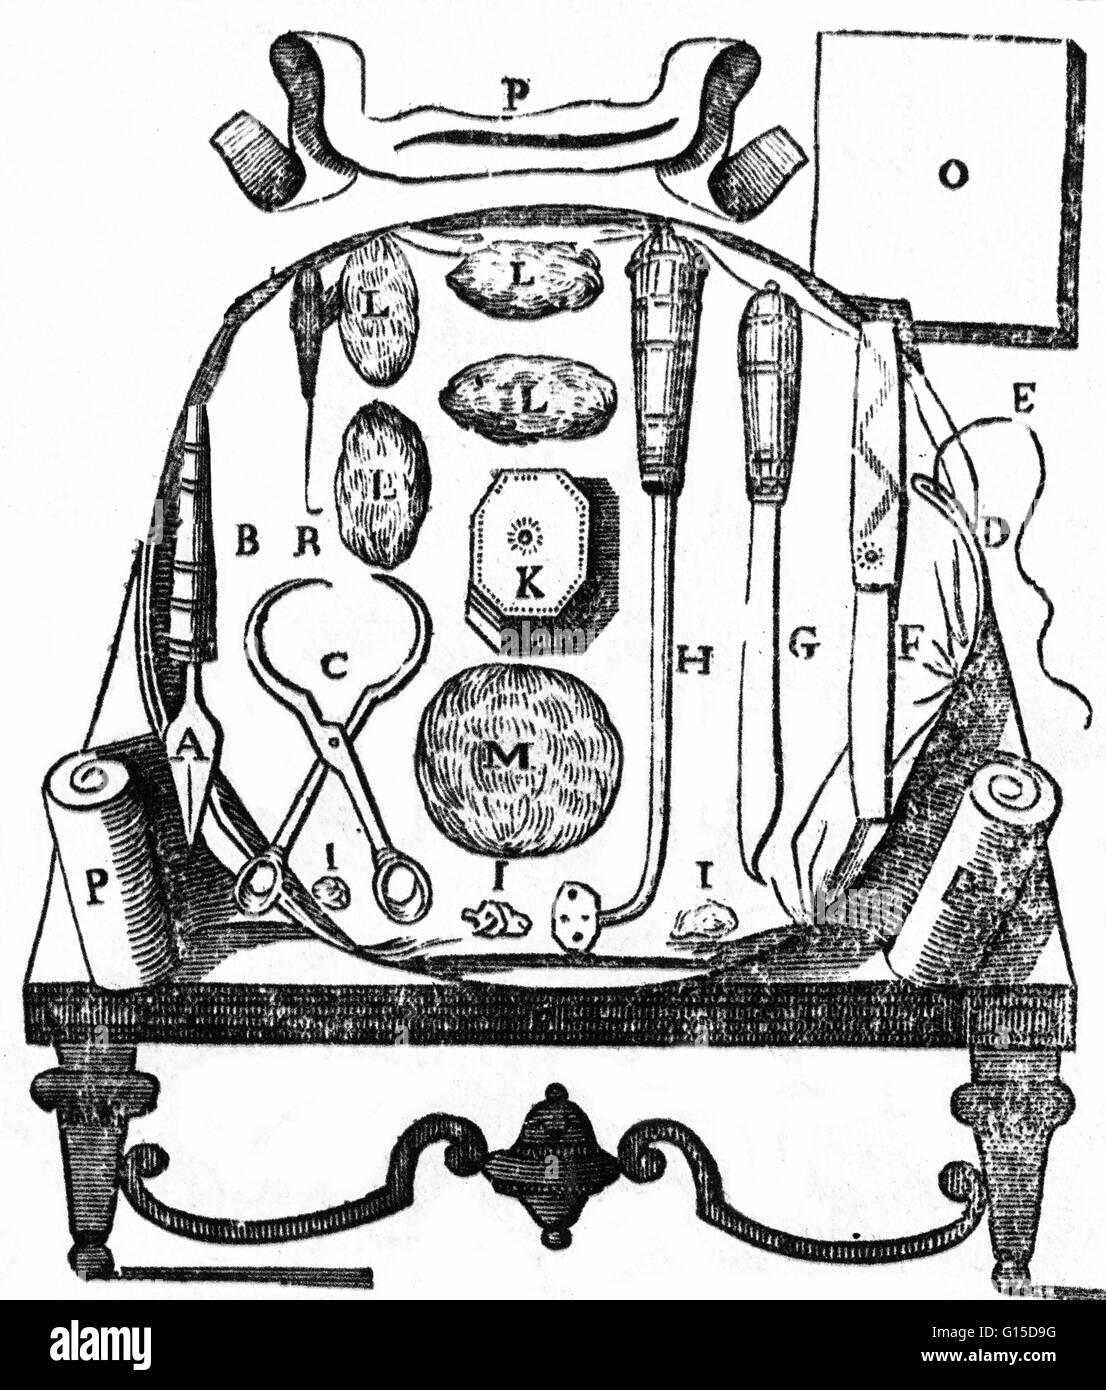 Une illustration historique des instruments chirurgicaux. Photo Stock